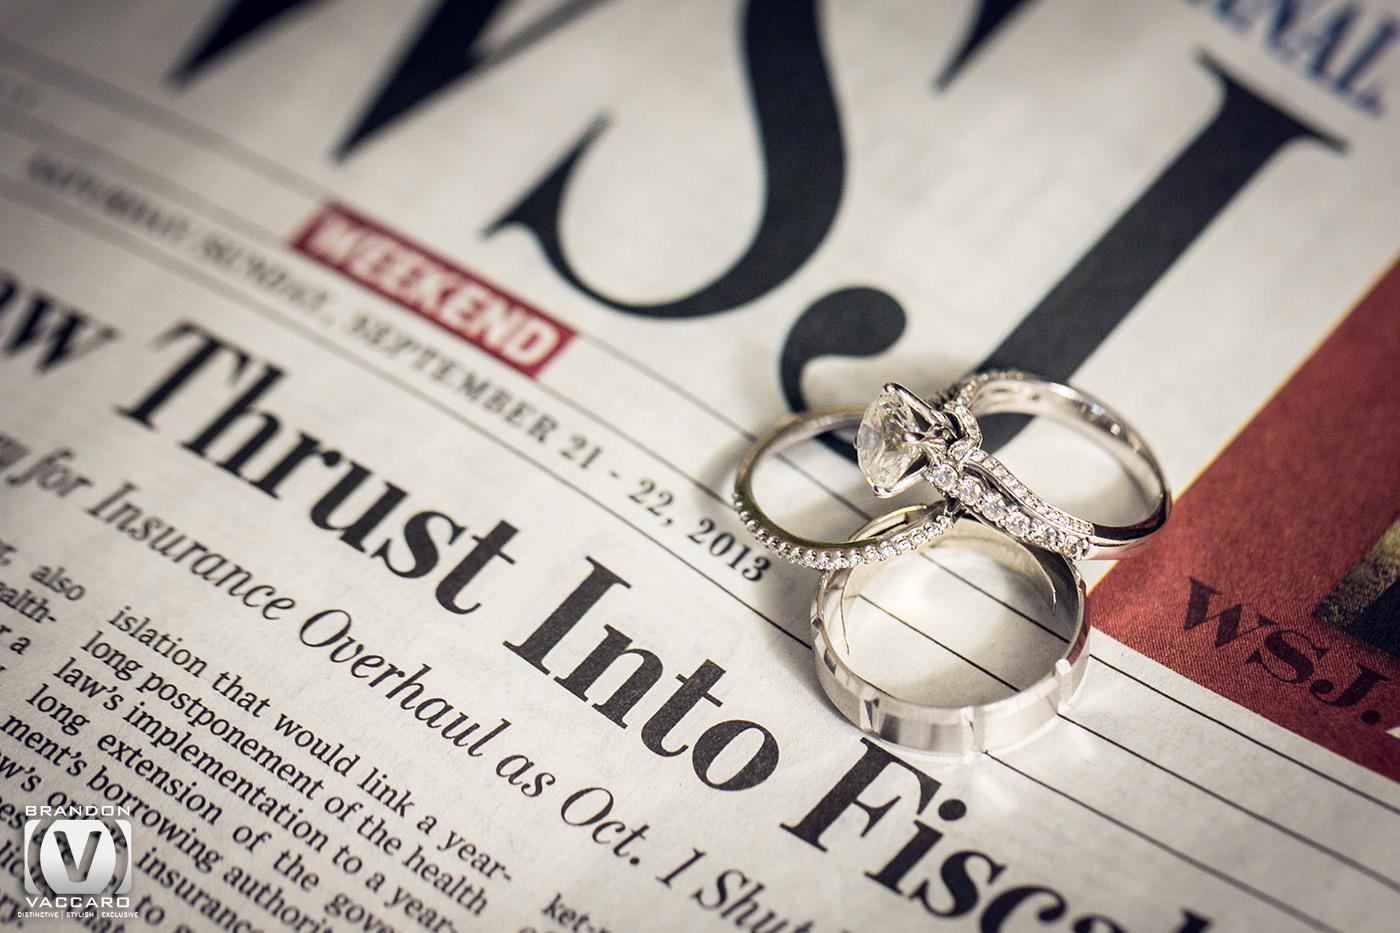 real-wedding-newspaper-date-with-wedding-rings.jpg